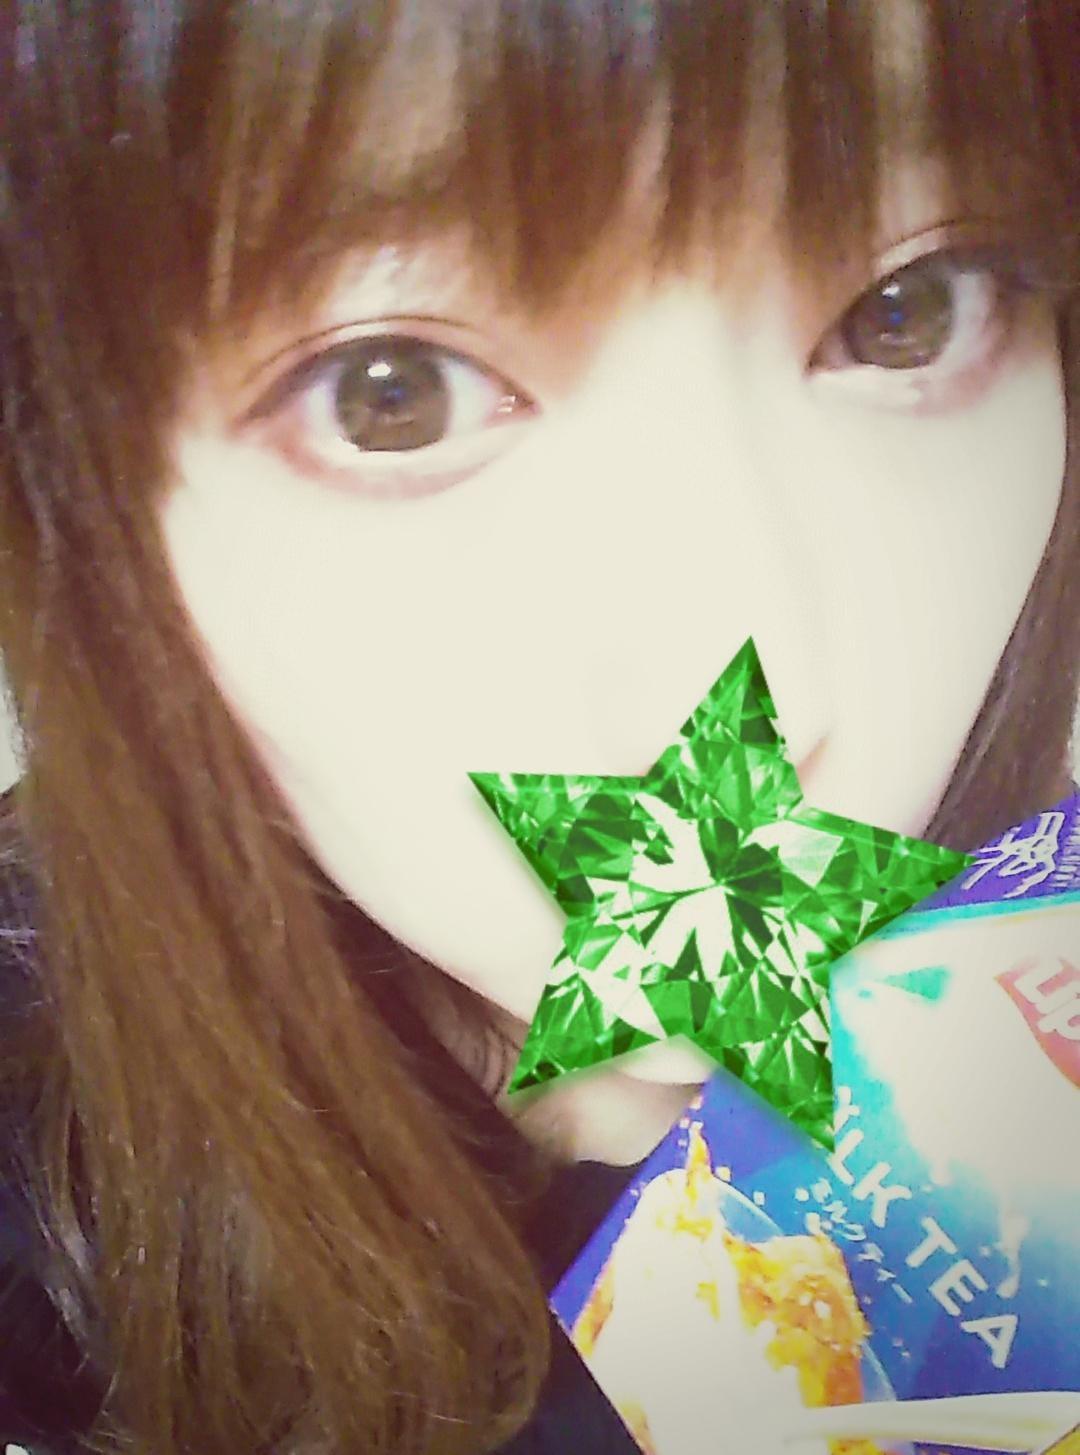 「ぴてます」05/26(05/26) 18:19 | RINA【りな】の写メ・風俗動画